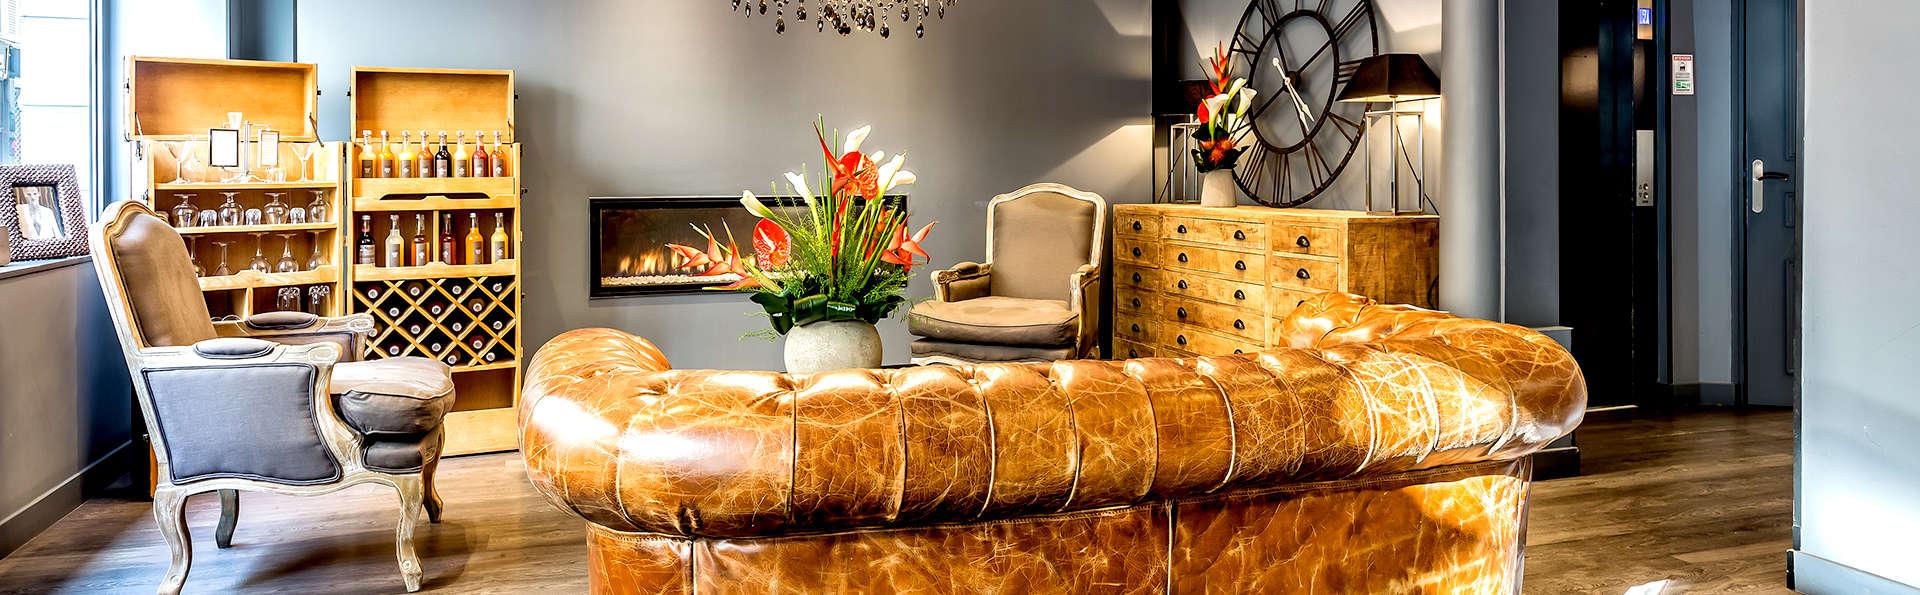 Hôtel Atelier Montparnasse - Edit_Lounge2.jpg